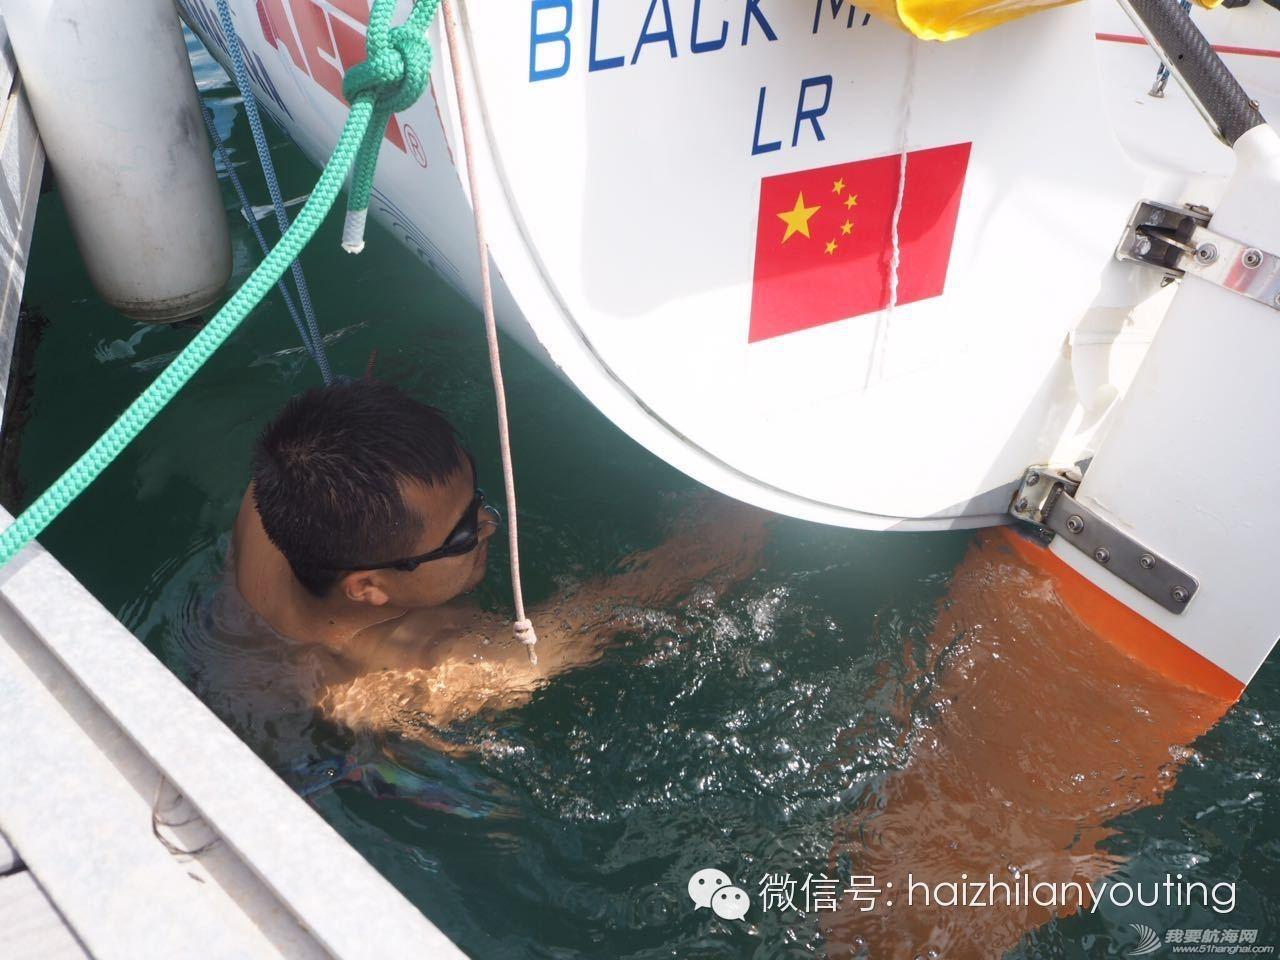 大西洋,中国海,朋友,决战 京坤在MINI TRANSAT | Mini transat第二赛段起航,决战大西洋 96314db7ddb4a1e45346542f0cf339f1.jpg